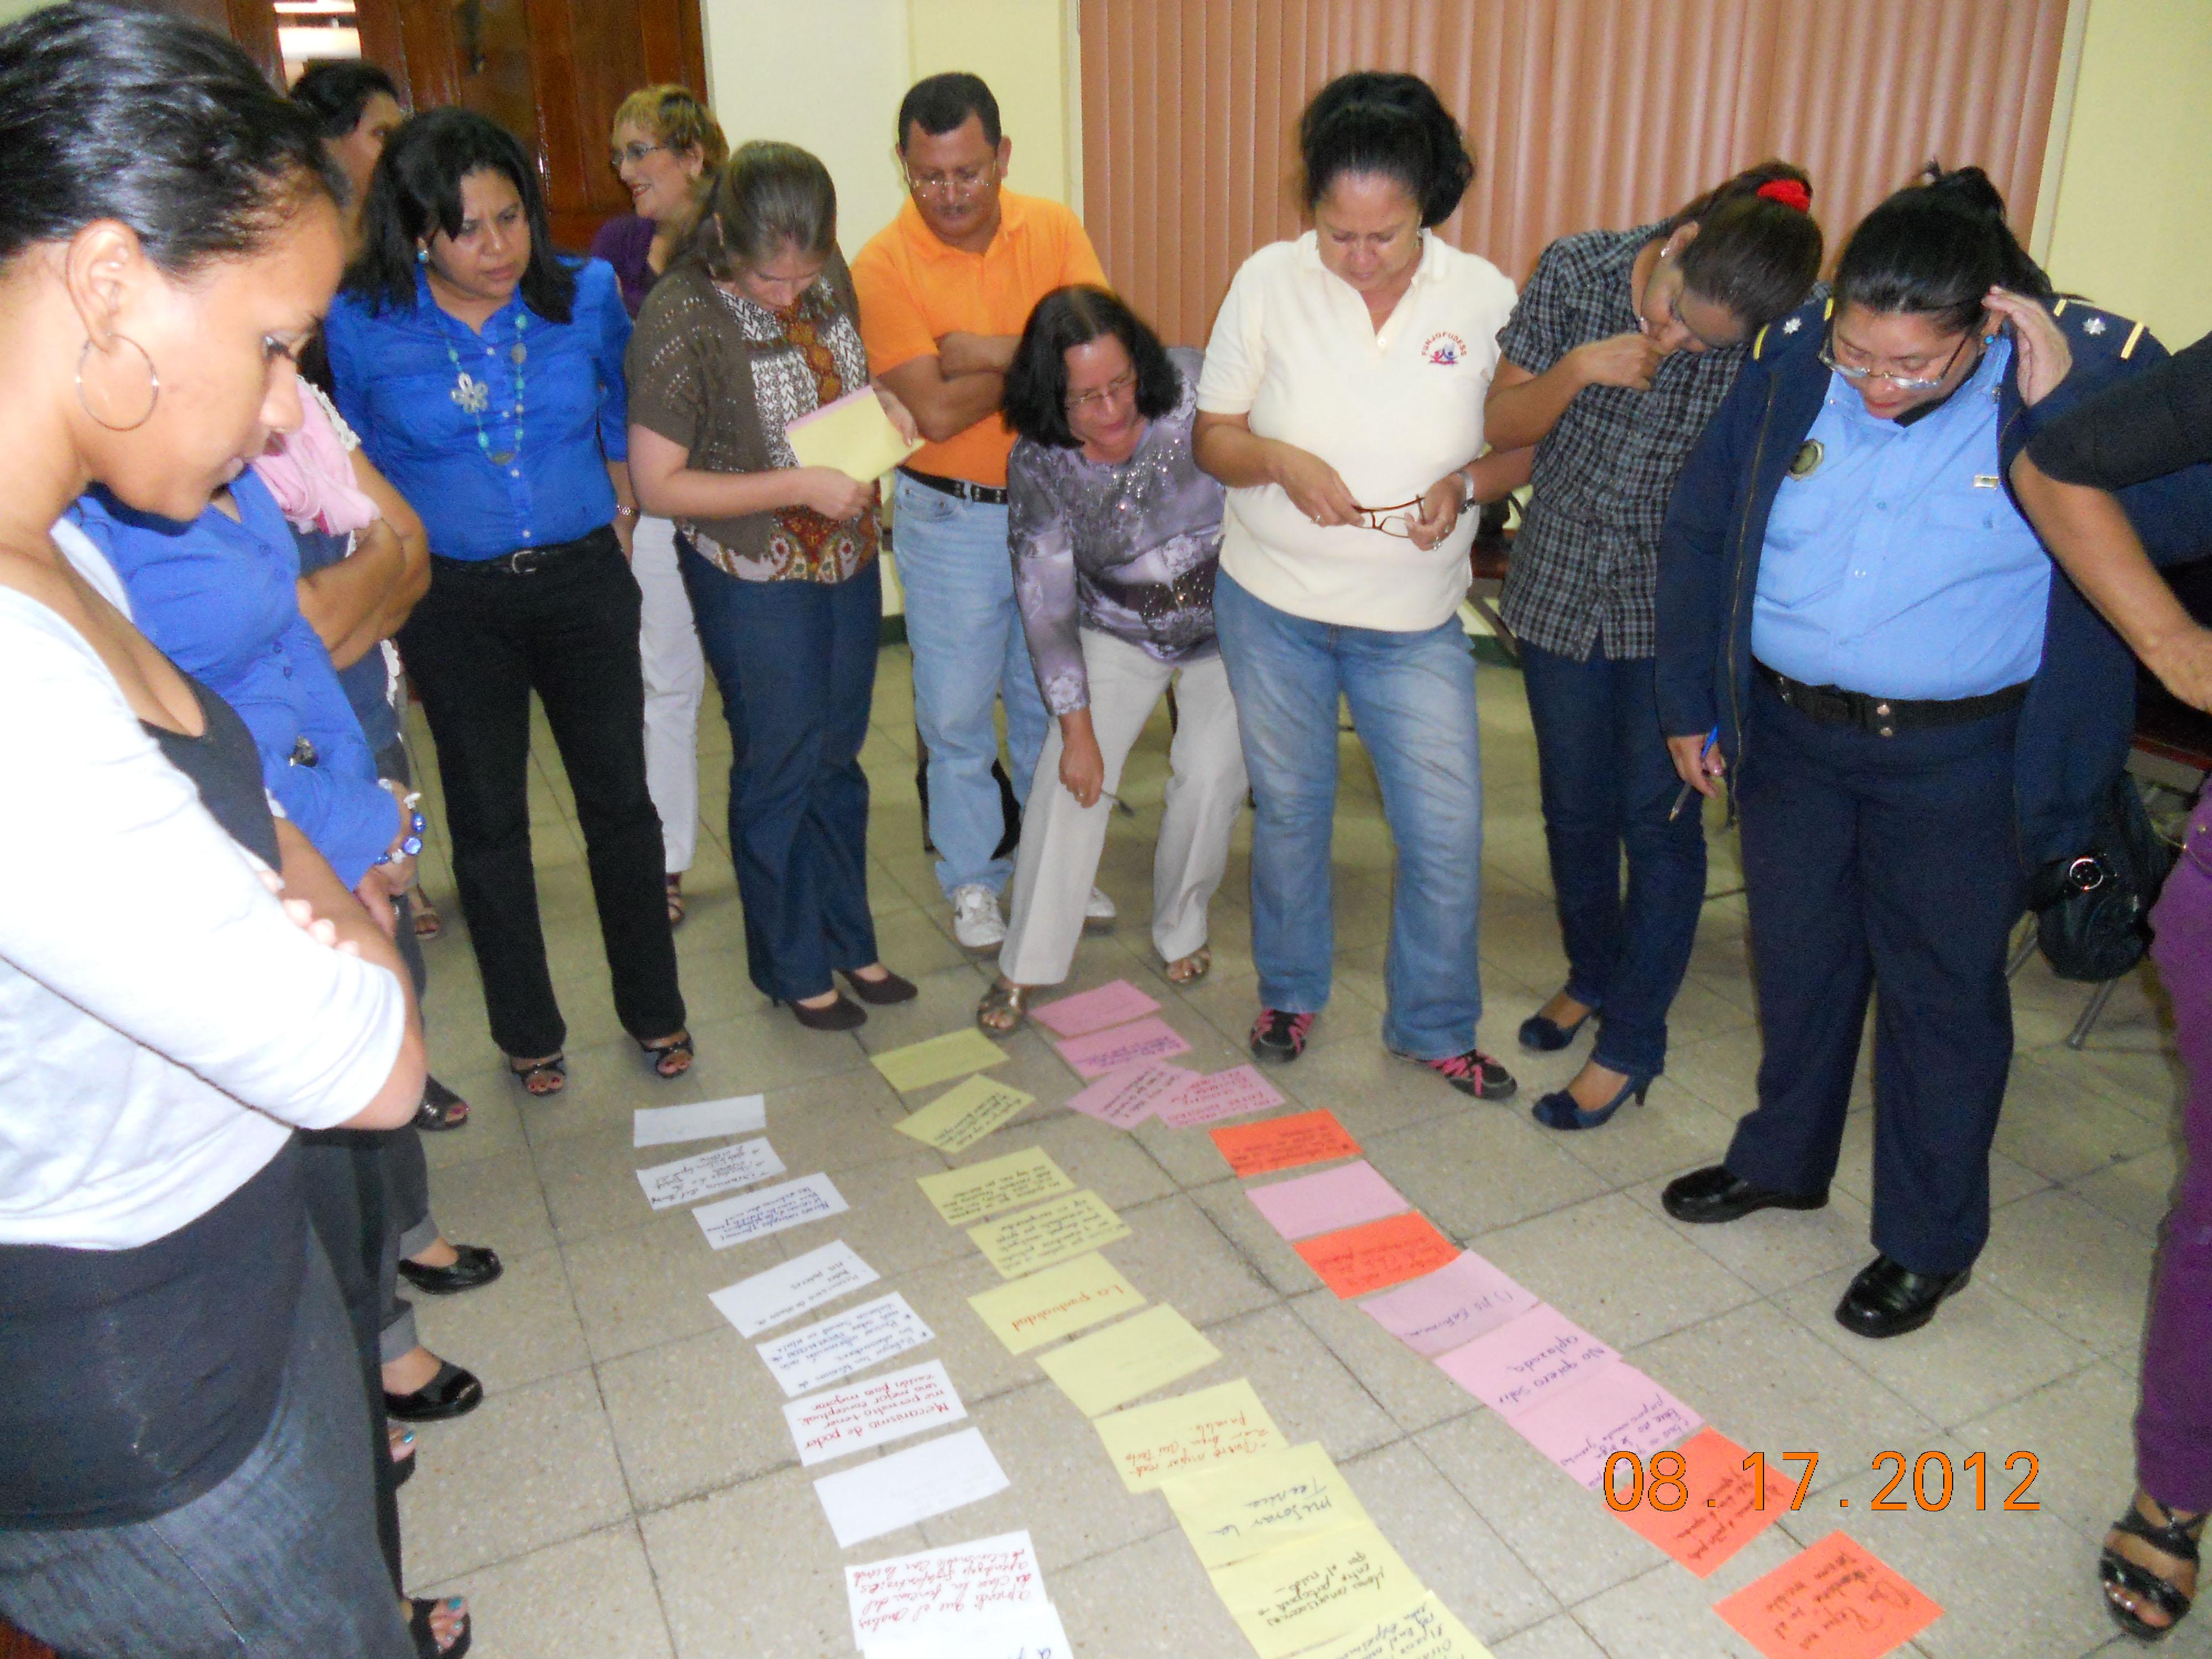 Empoderamiento de las mujeres a través de su participación activa en la gestión del agua a nivel local (El Viejo), nacional (Nicaragua) y regional (Centroamérica)